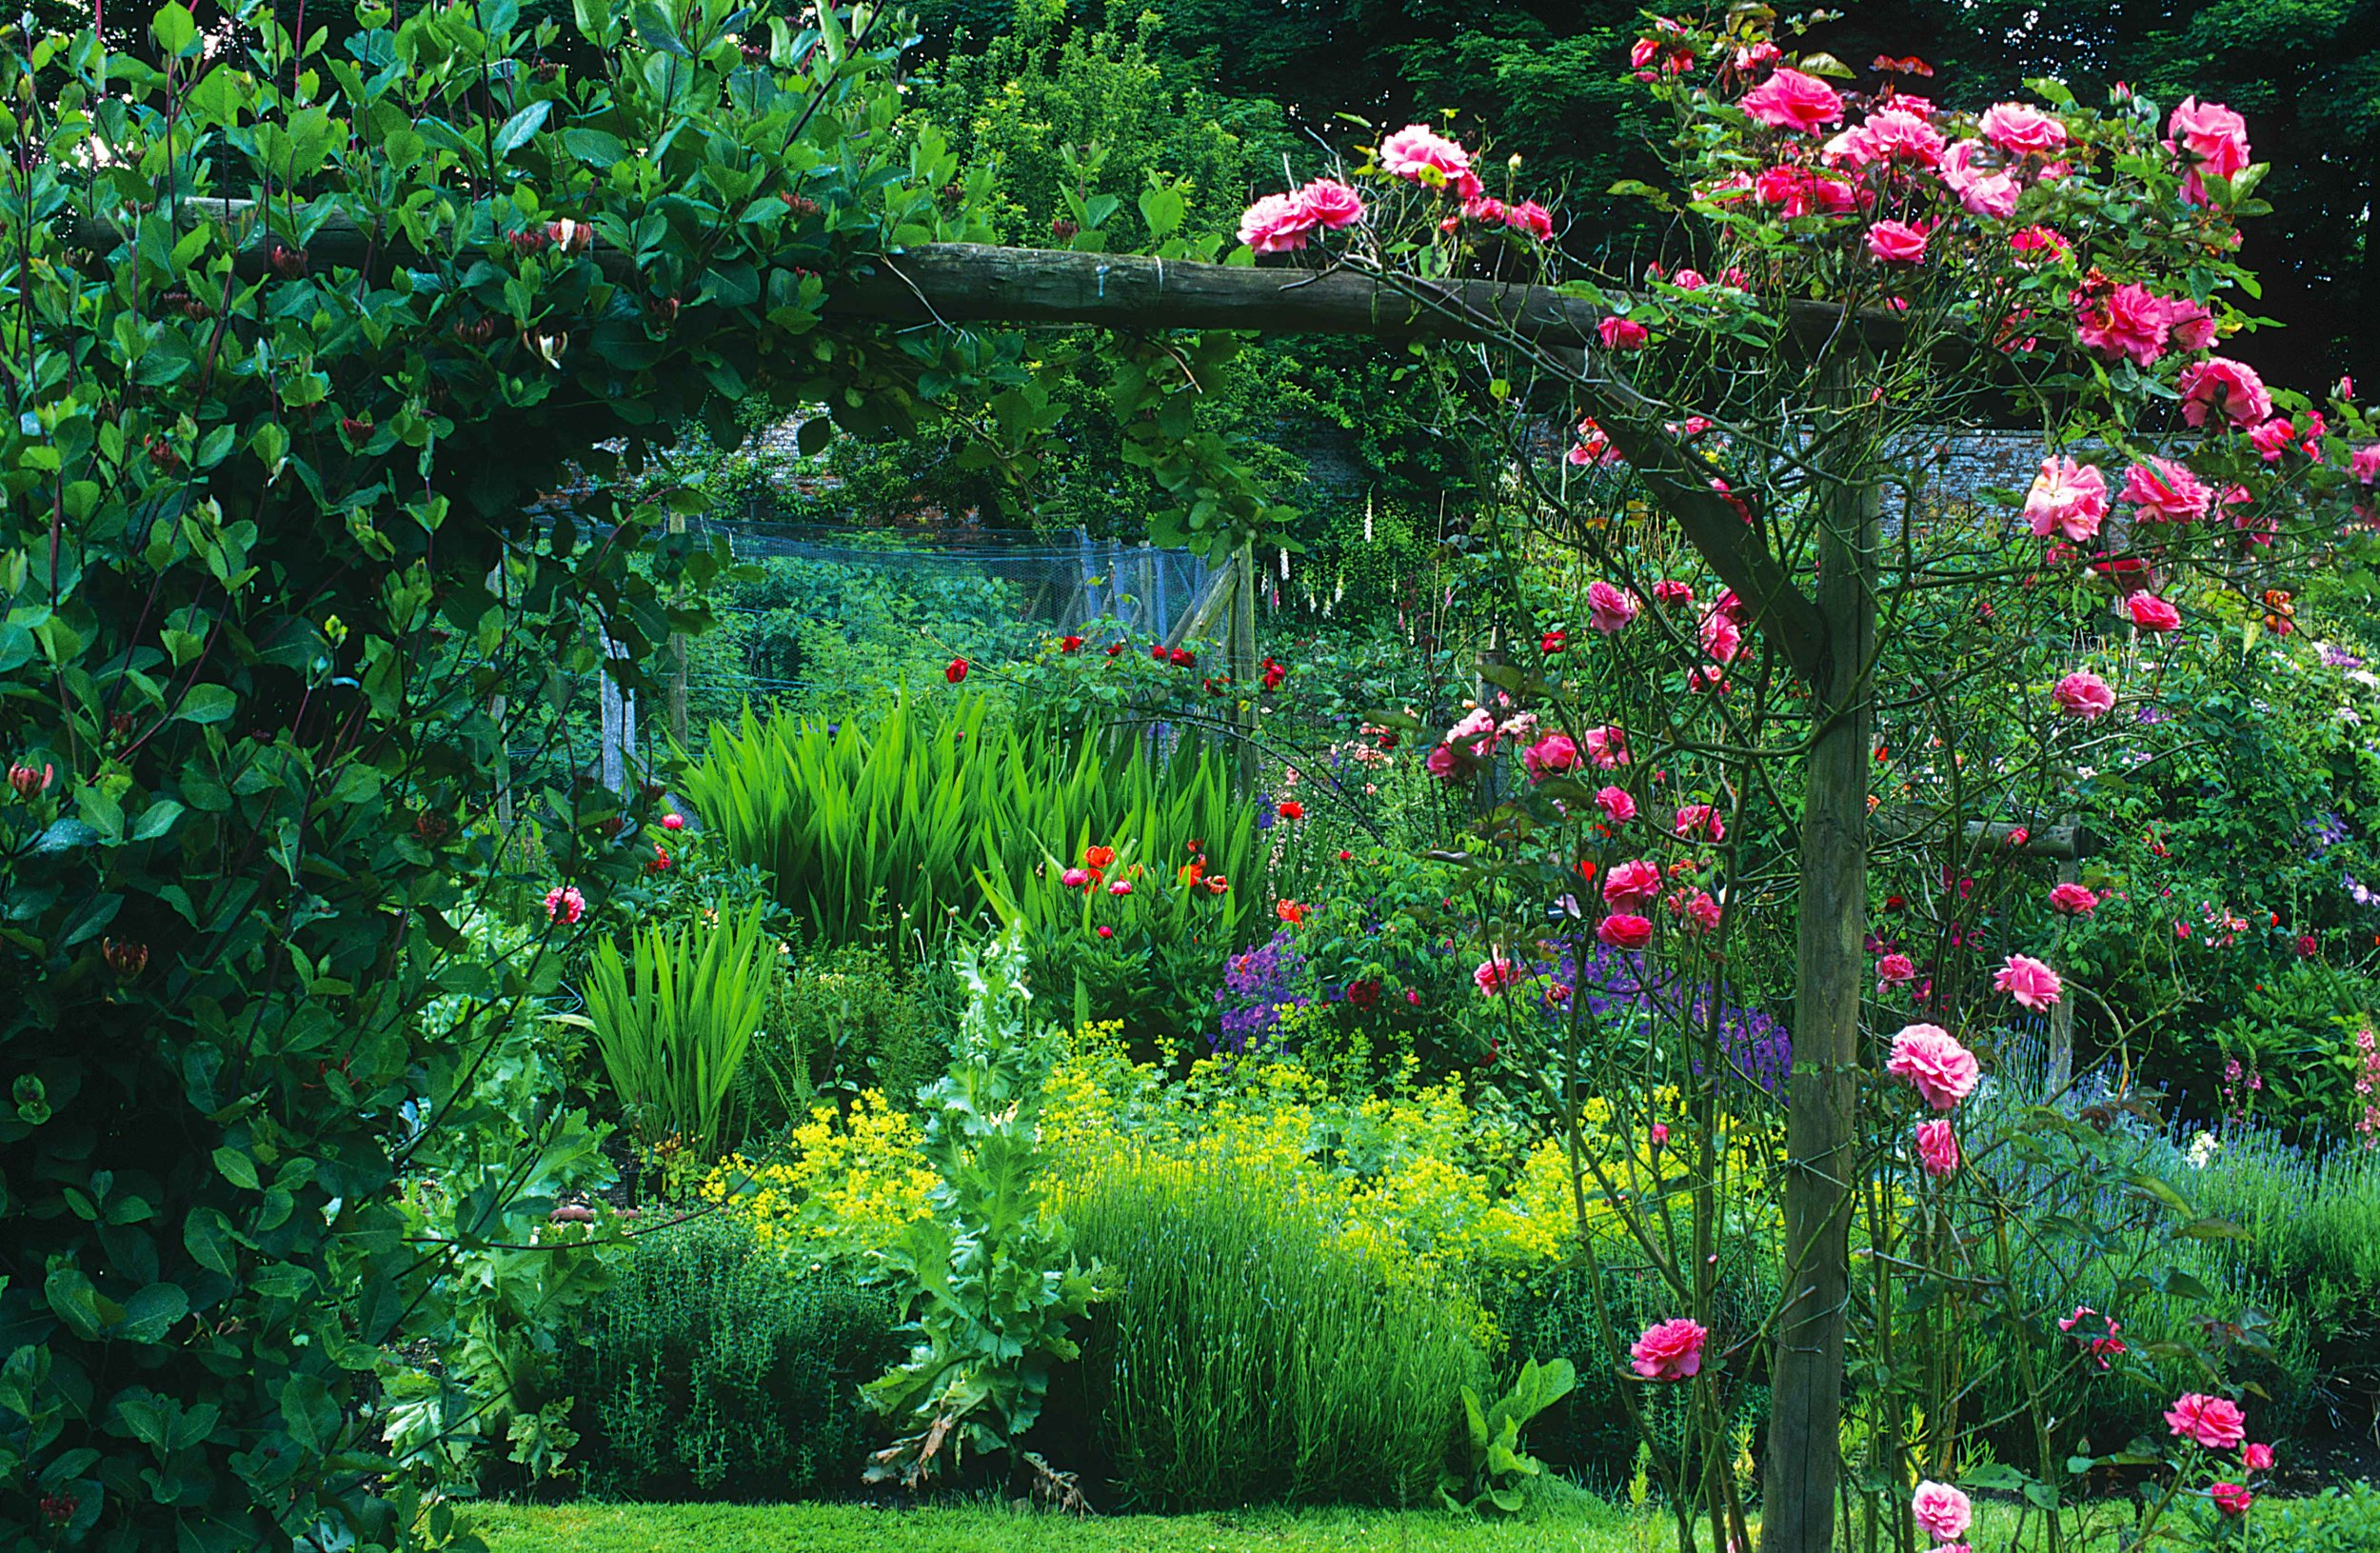 Cerney House Garden Roses.jpg